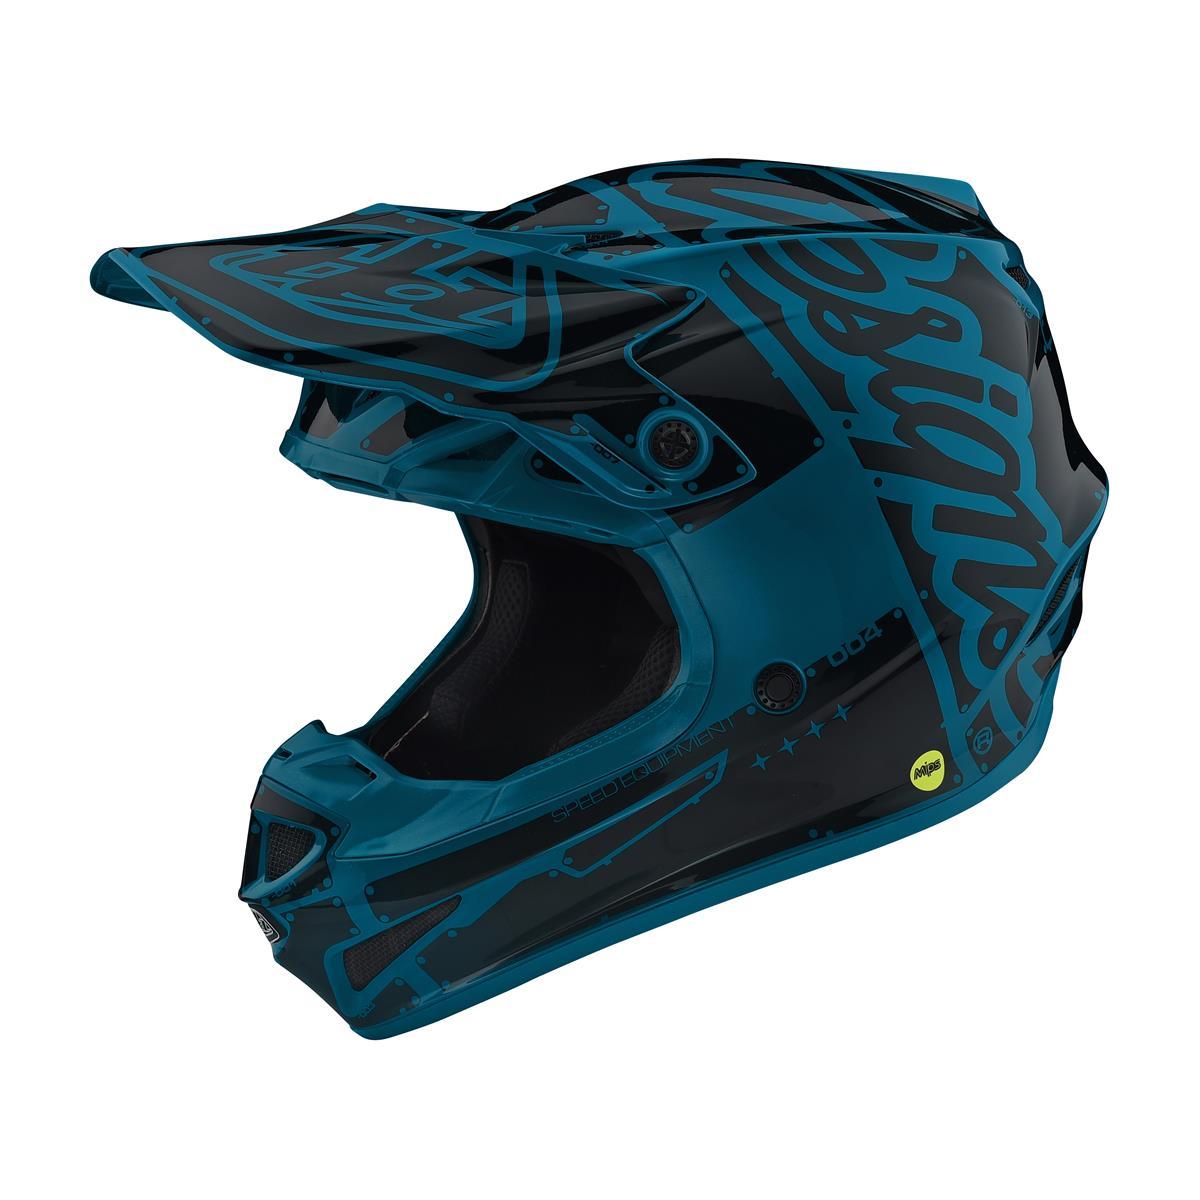 Troy Lee Designs Helm SE4 Polyacrylite Factory - Ocean